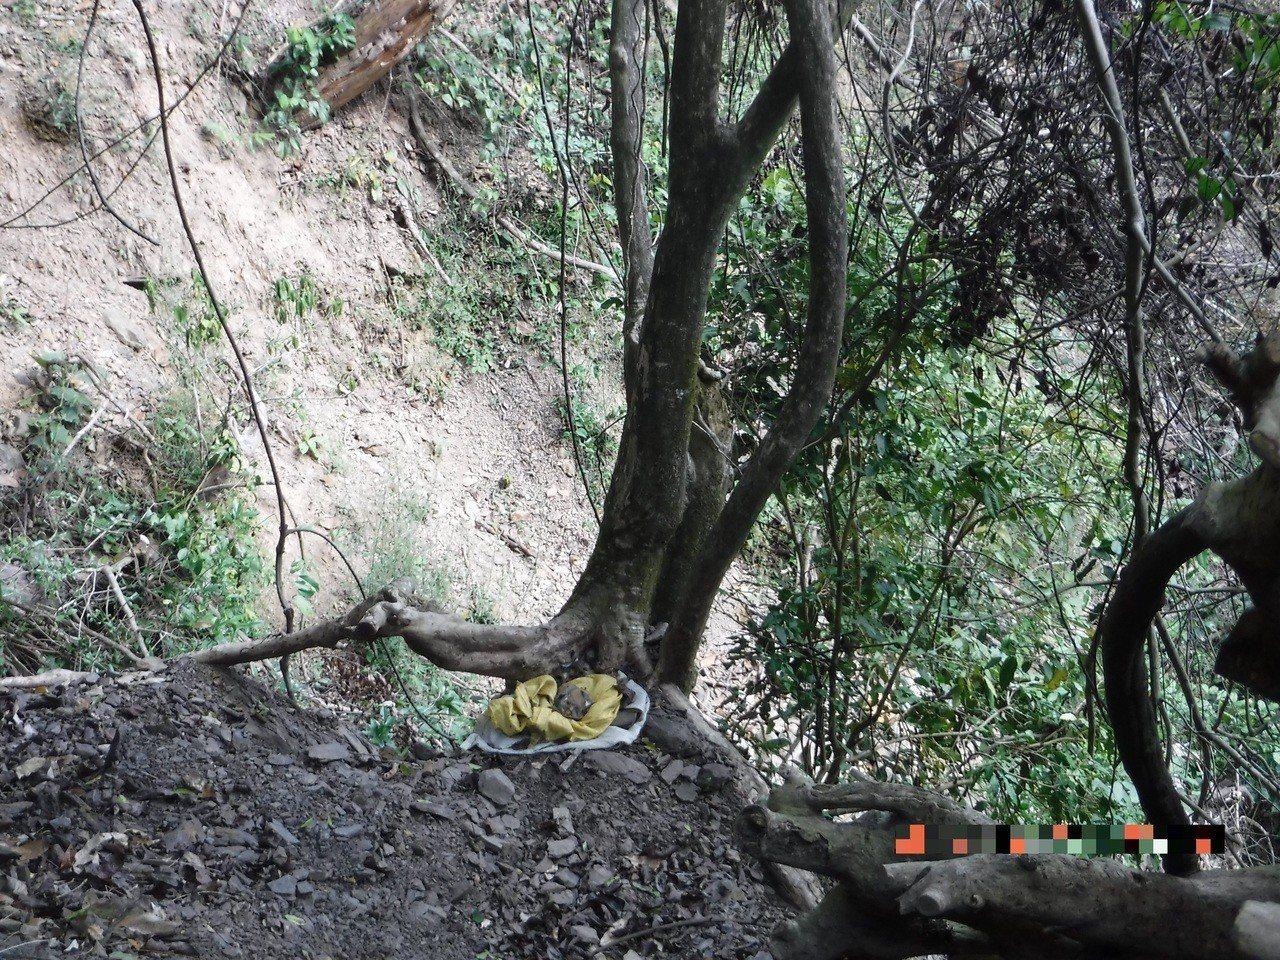 林、詹兩嫌為竊取破壞盤結在石頭上的樹根,而樹木遭斷根恐有枯死之虞。圖/保七總隊第...